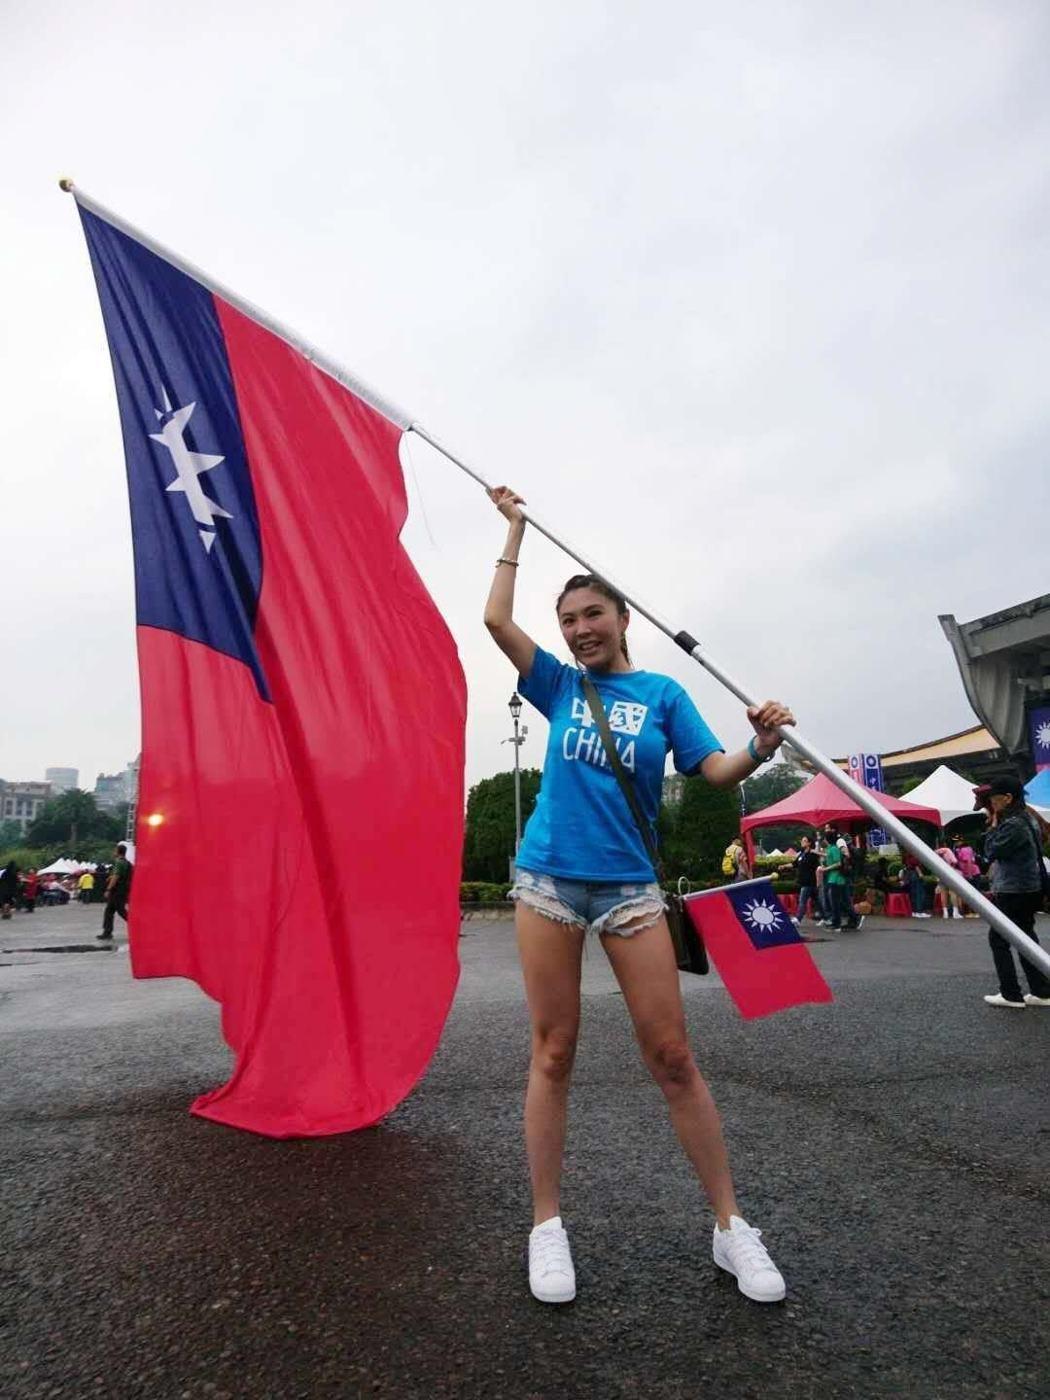 劉樂妍返台參加雙十國慶,手拿台灣青天白日滿地紅的國旗揮舞 圖/擷自劉樂妍臉書